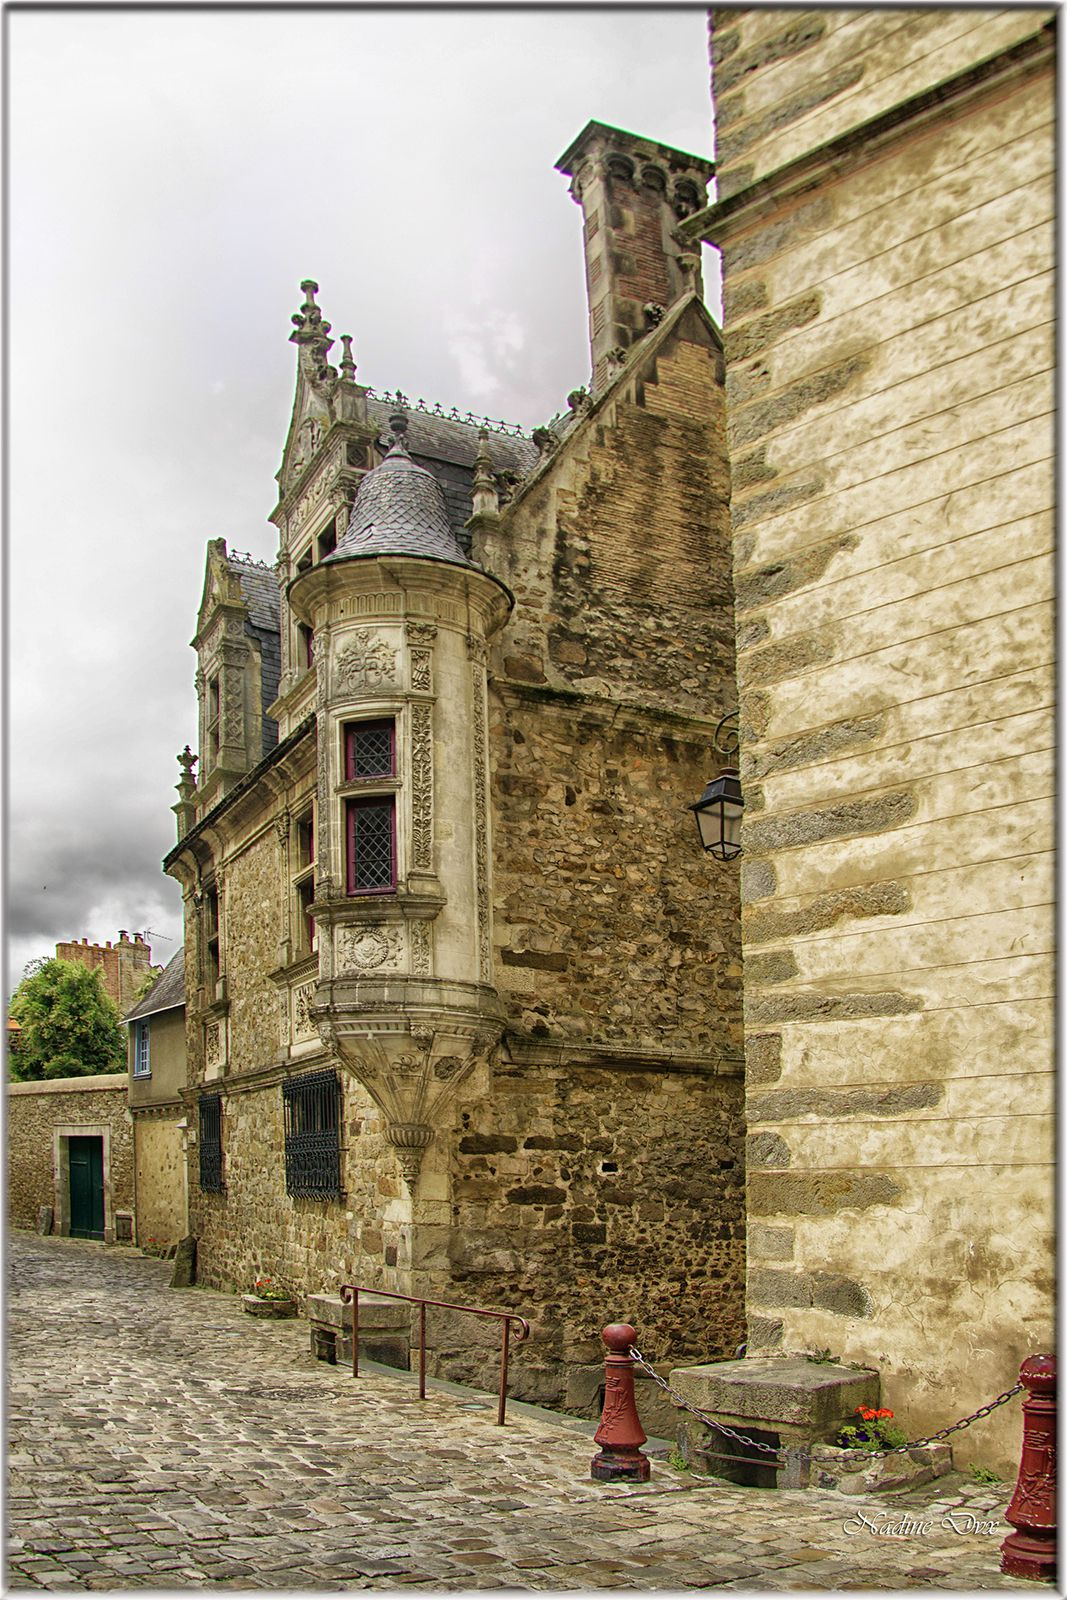 Maison canoniale de Saint-Paul, dite à la Tourelle, ou Hôtel des Morets - Le Mans